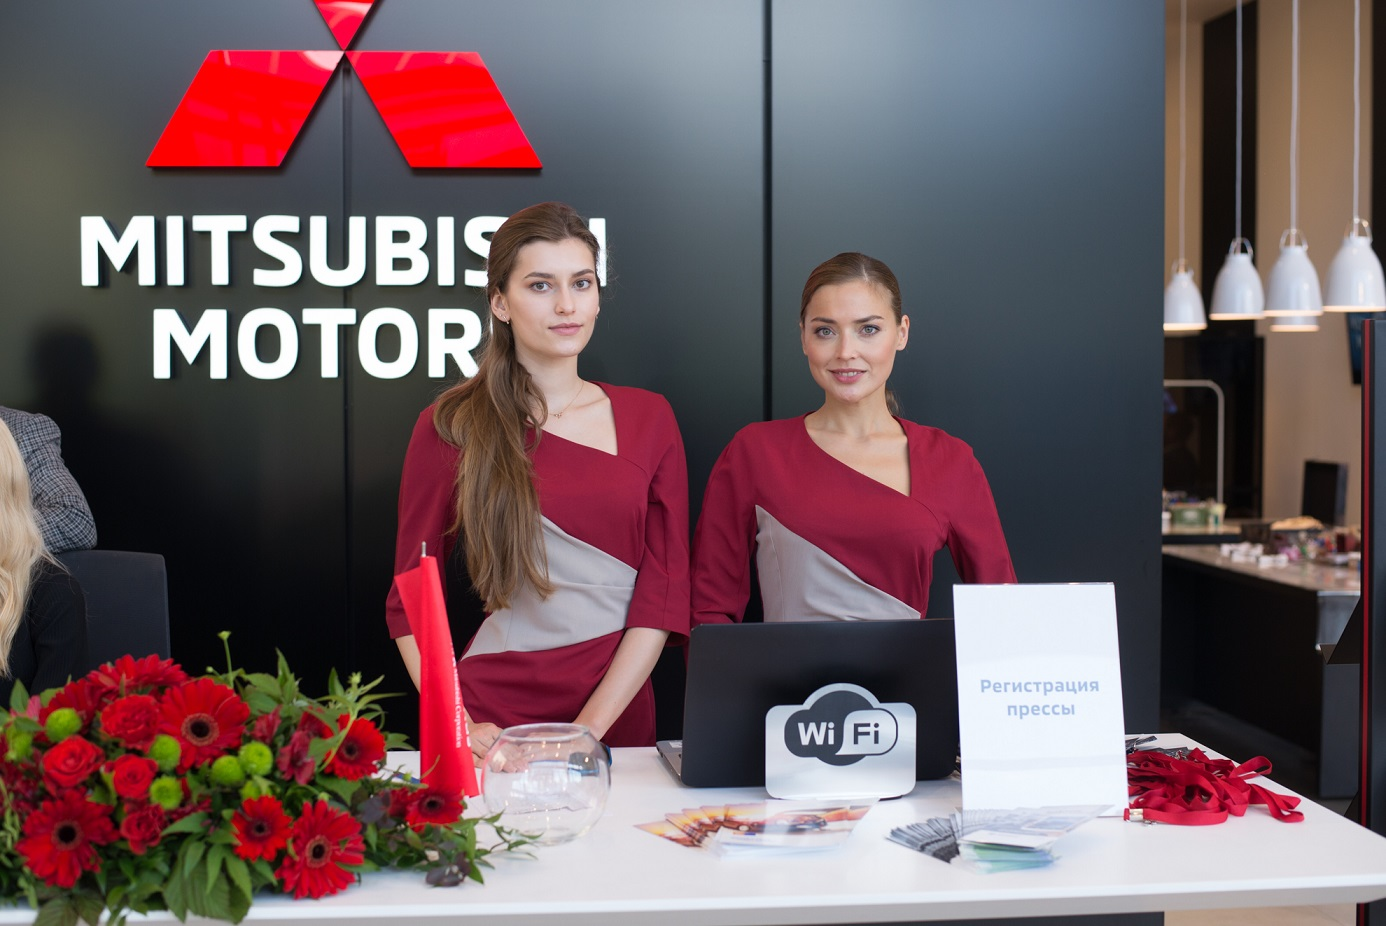 Inchcape открыла первый дилерский центр Mitsubishi Motors в России